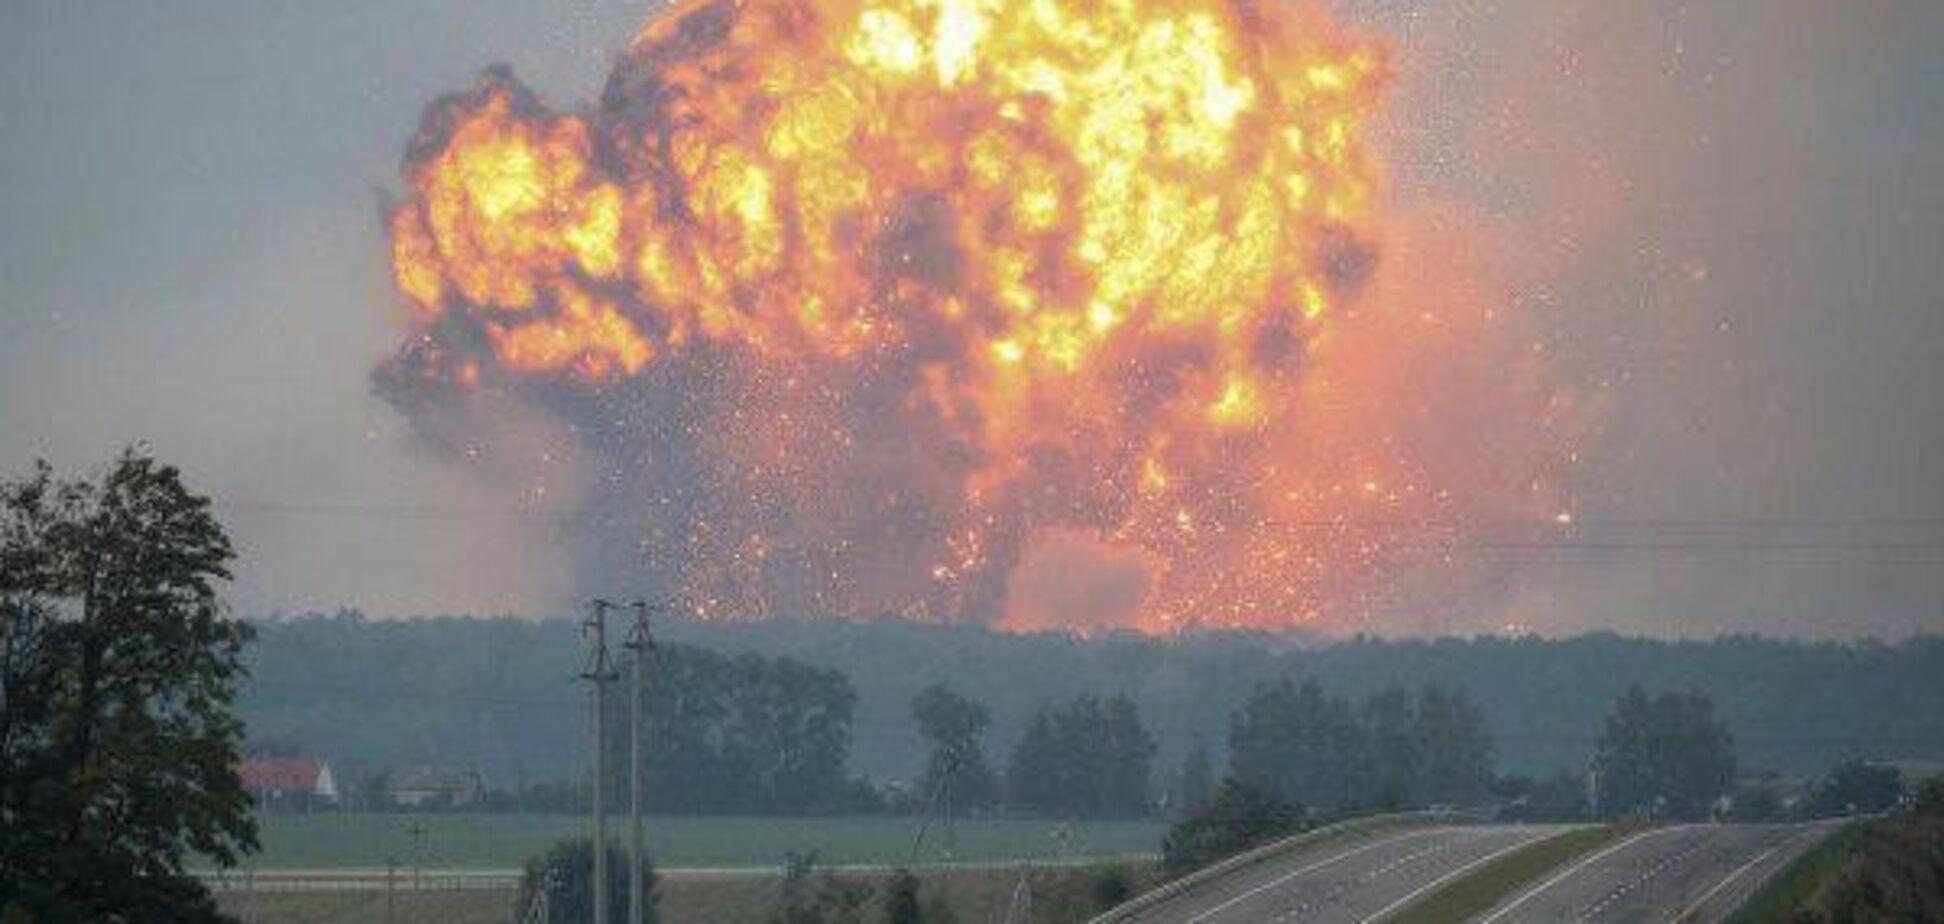 Взрывы в Калиновке: местные жители рассказали о подозрительных наблюдениях накануне